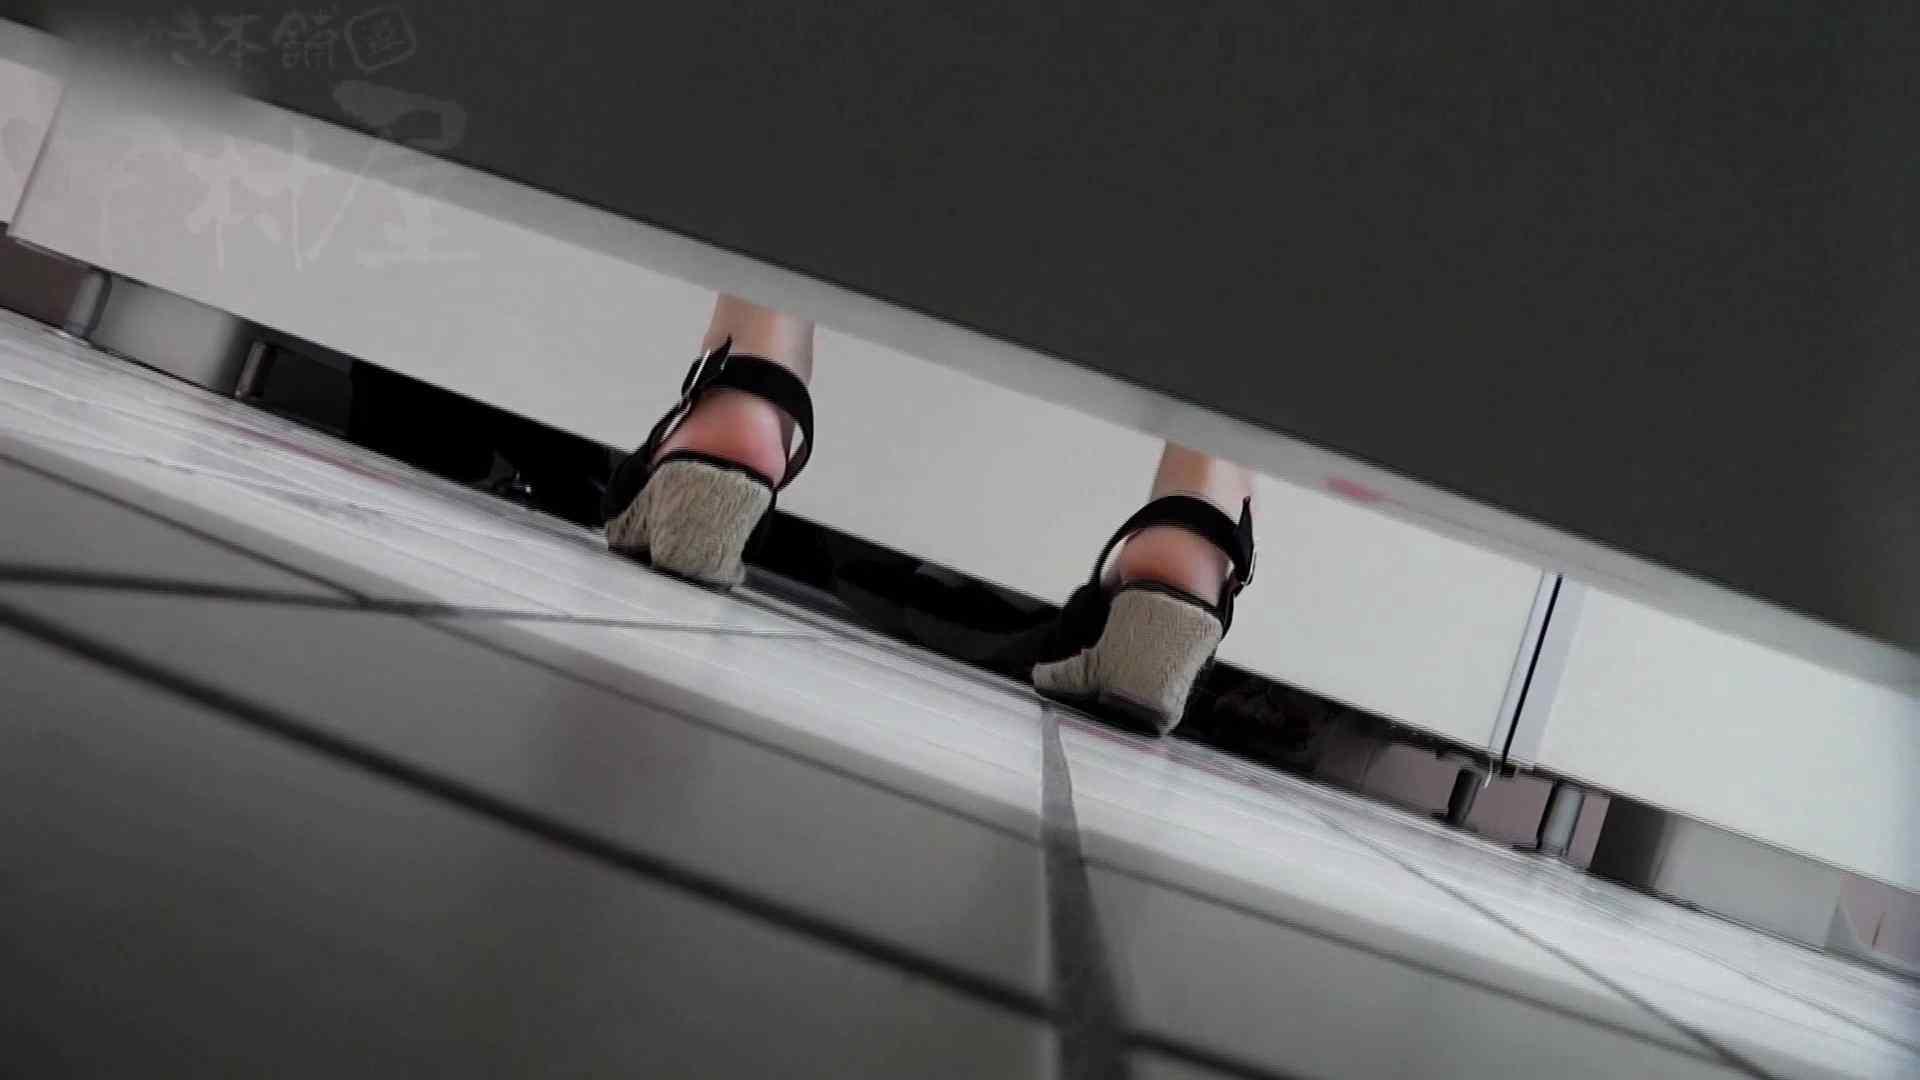 美しい日本の未来 No.25 「22」に登場した子がまさかの大で再登場!! トイレの中の女の子 セックス画像 88連発 23